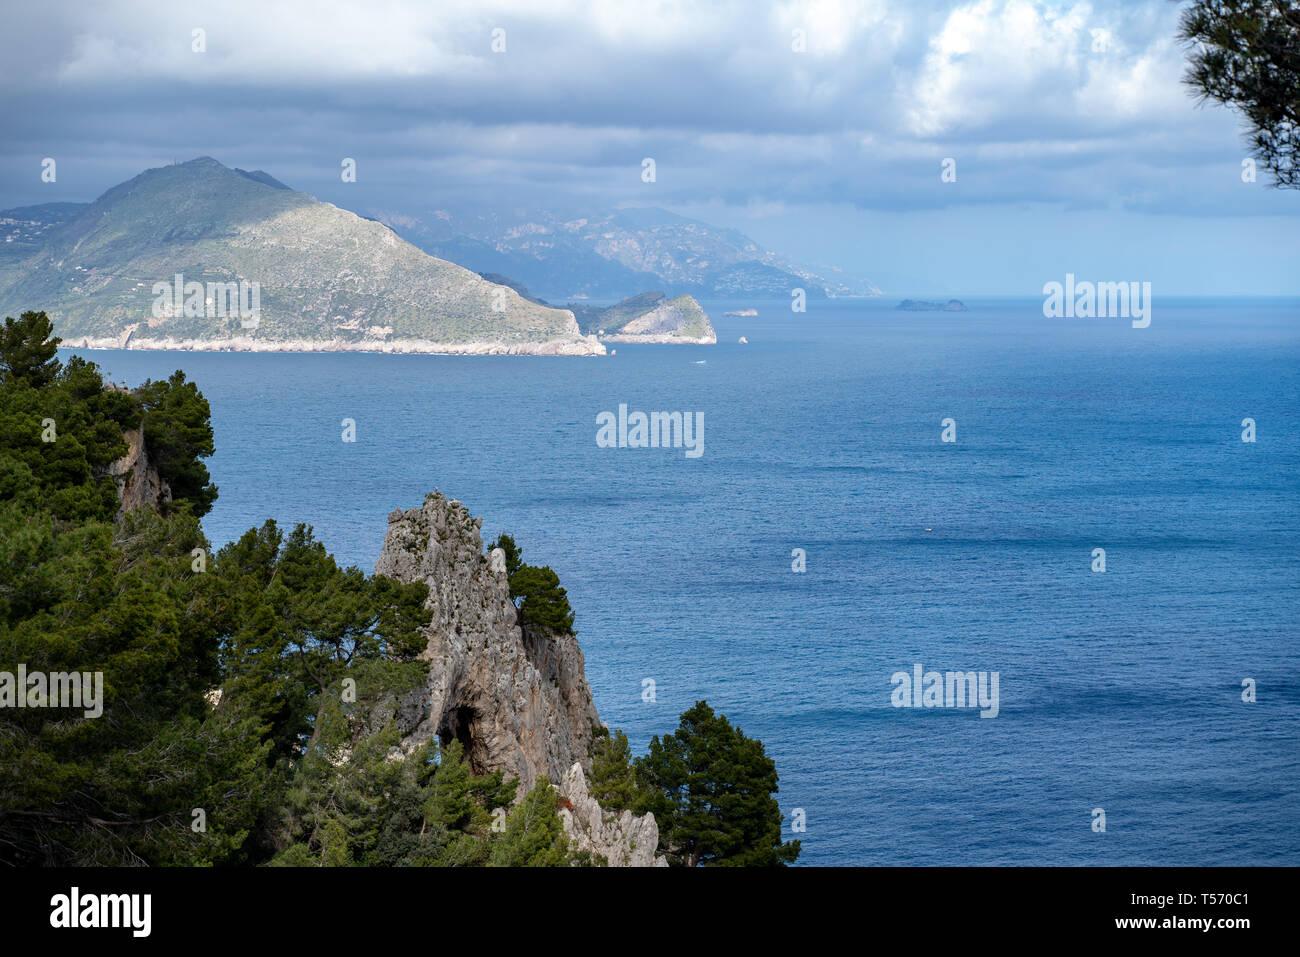 Capri, Pizzolungo, in primo piano l'Arco Naturale, sullo sfondo la penisola sorrentina. Visibili punta campanella, Nerano, i galli - Stock Image